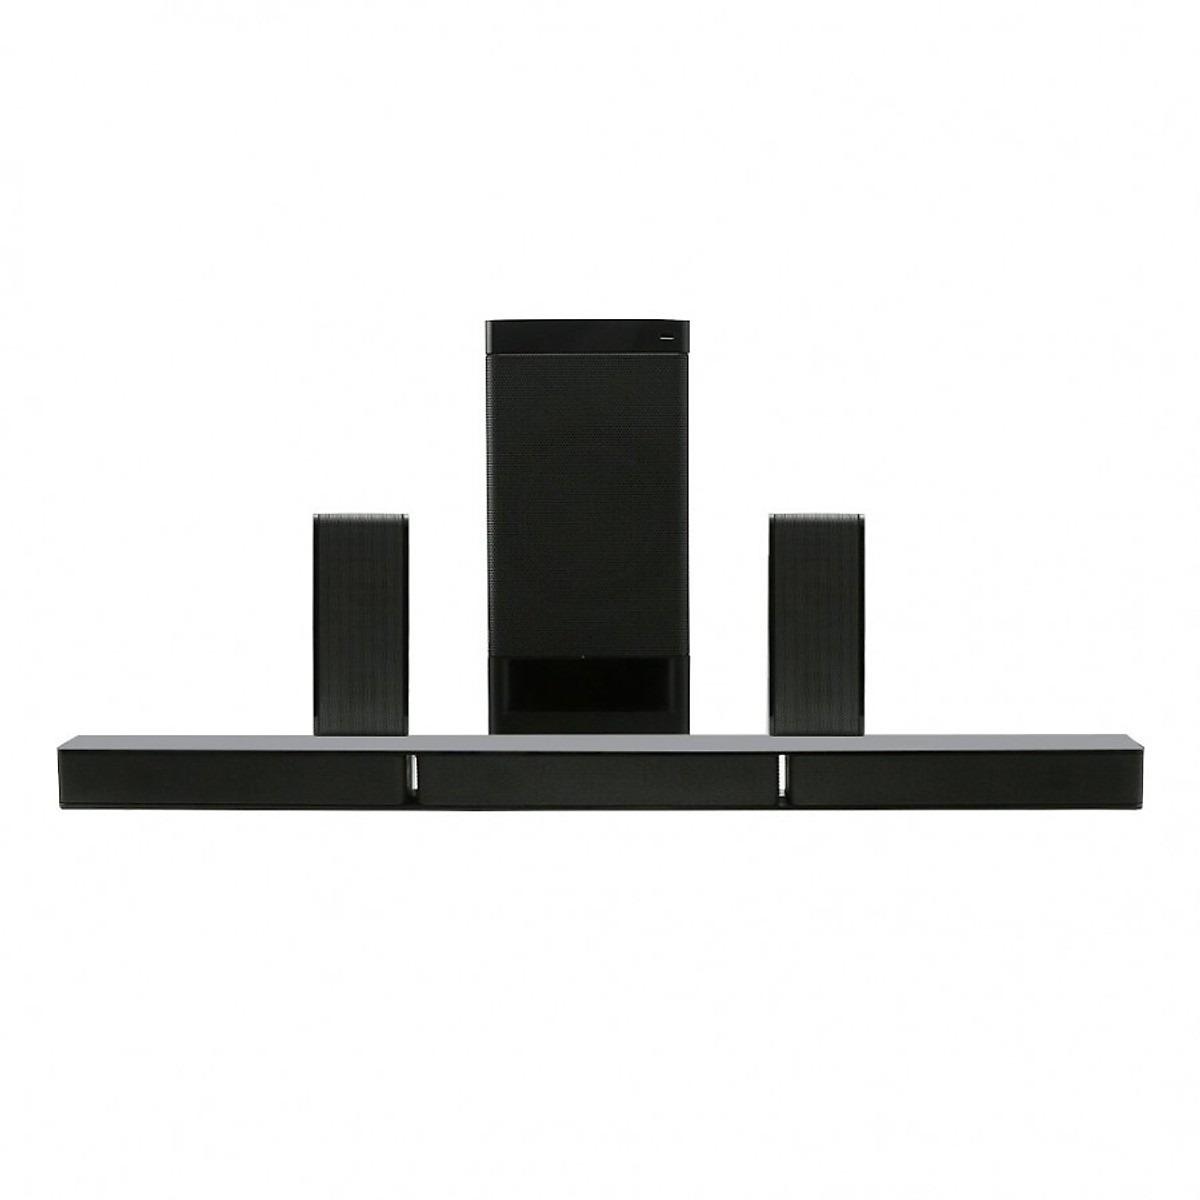 Dàn âm thanh Sony 5.1 HT-RT3 600W – Hàng chính hãng